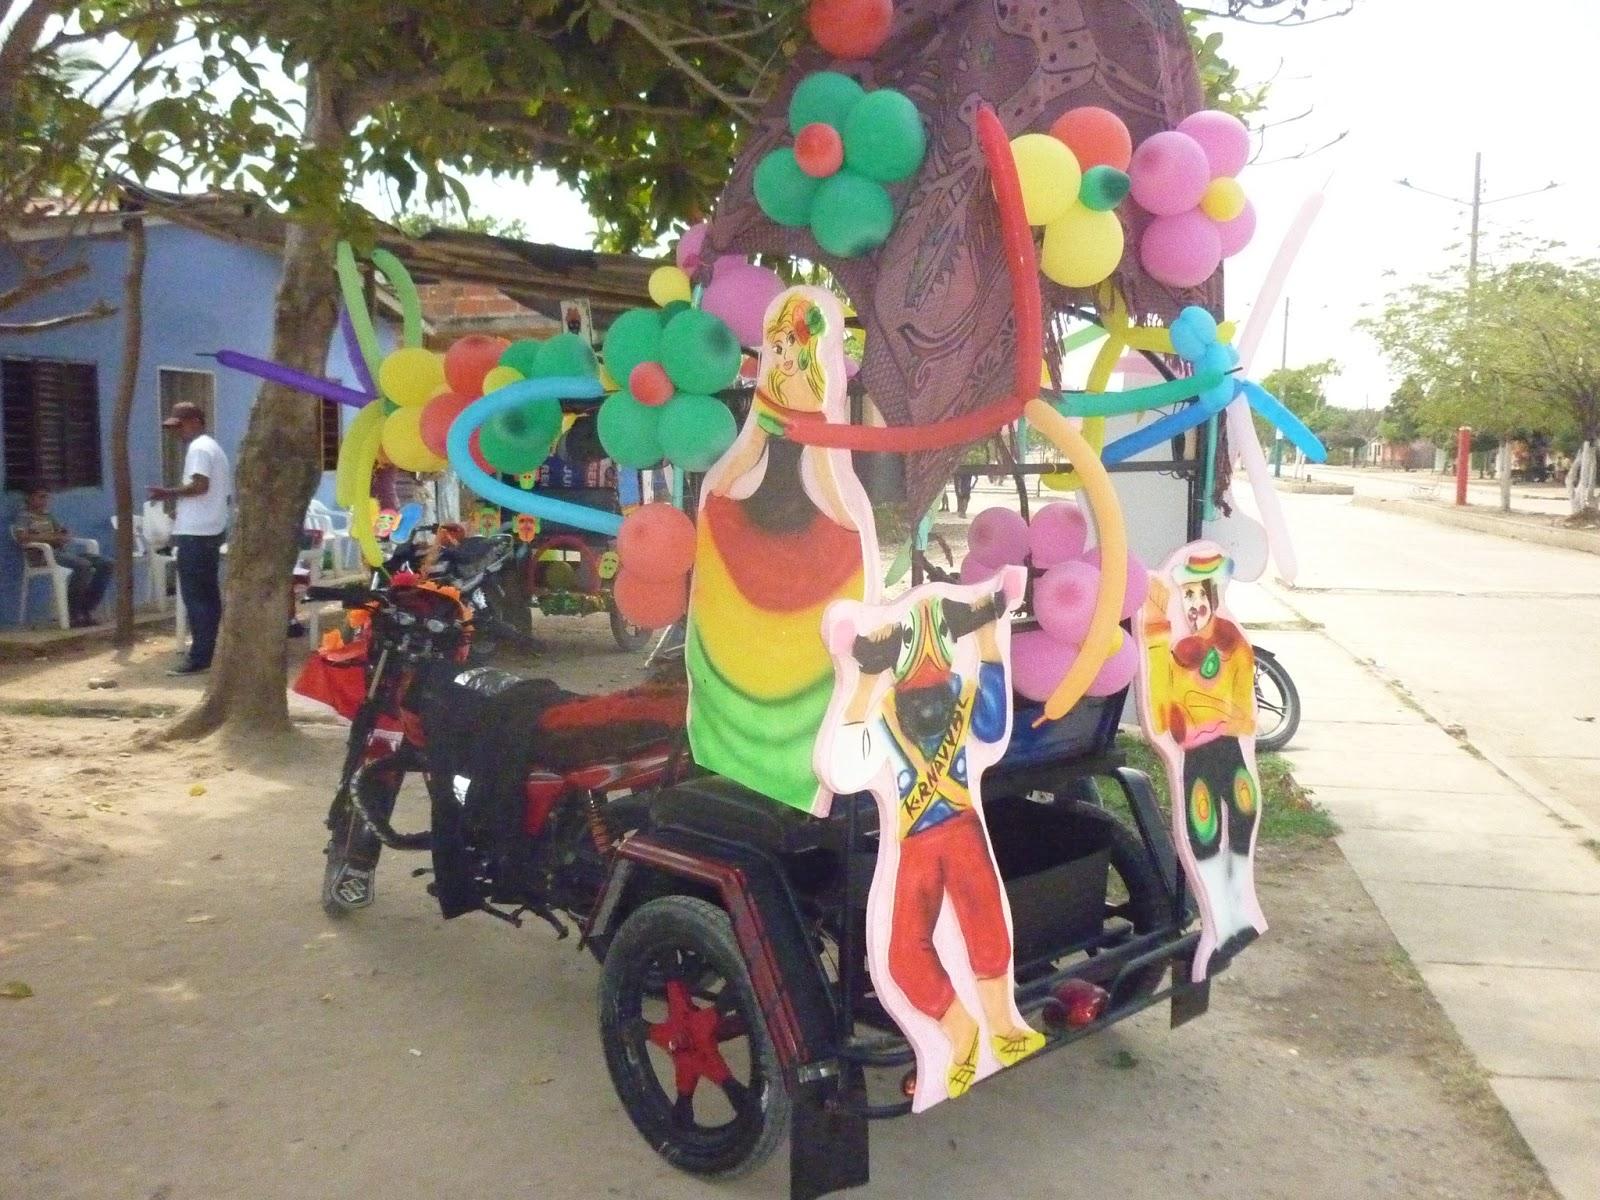 Carnaval De Los Valores 2013 Decoracion De Carrozas